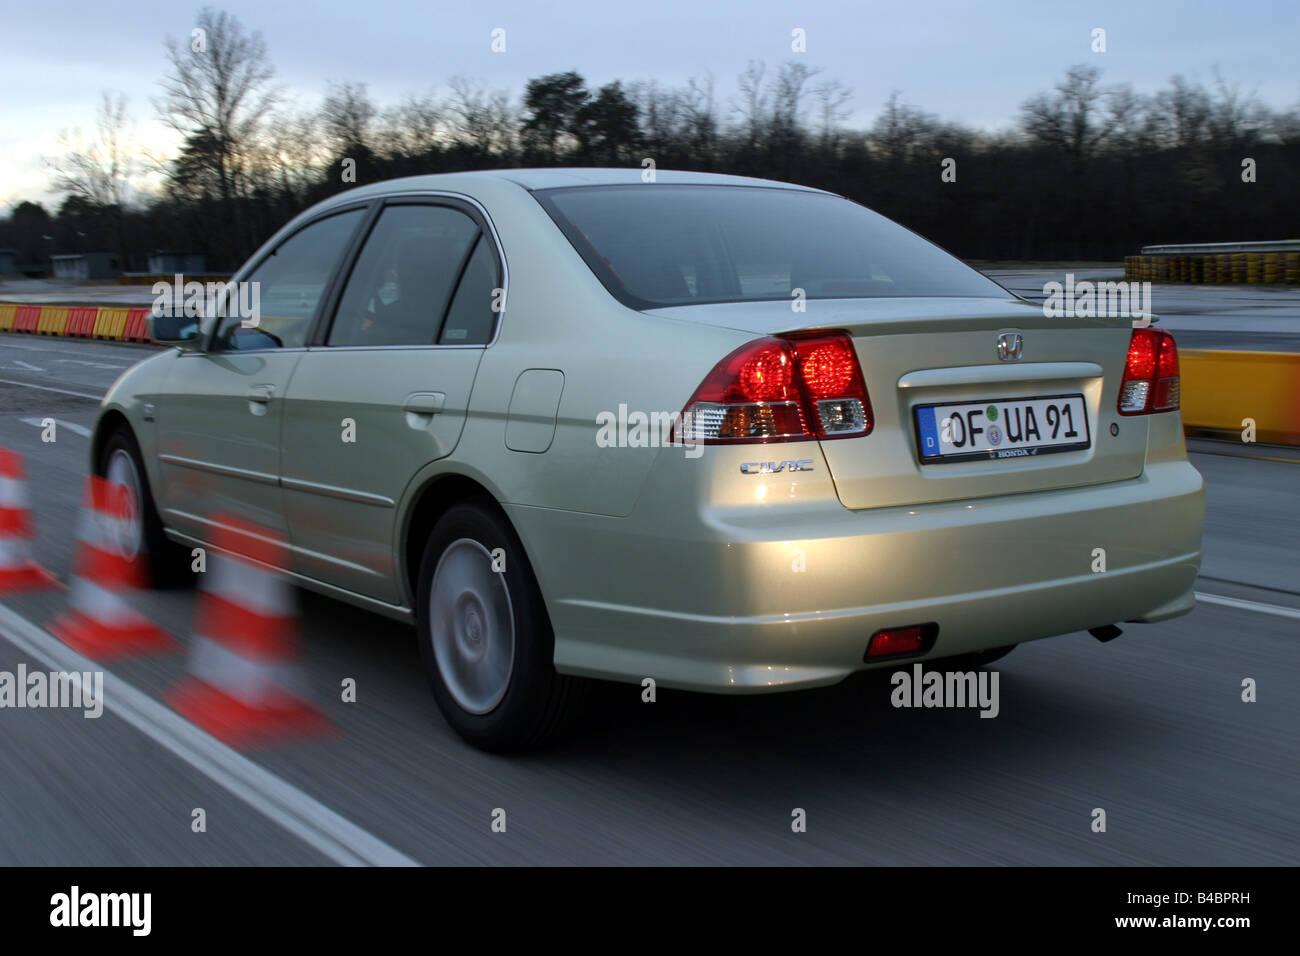 Honda honda civic 2003 hybrid : Car, Honda Civic 1.3i IMA, Hybrid, model year 2003-, silver-green ...